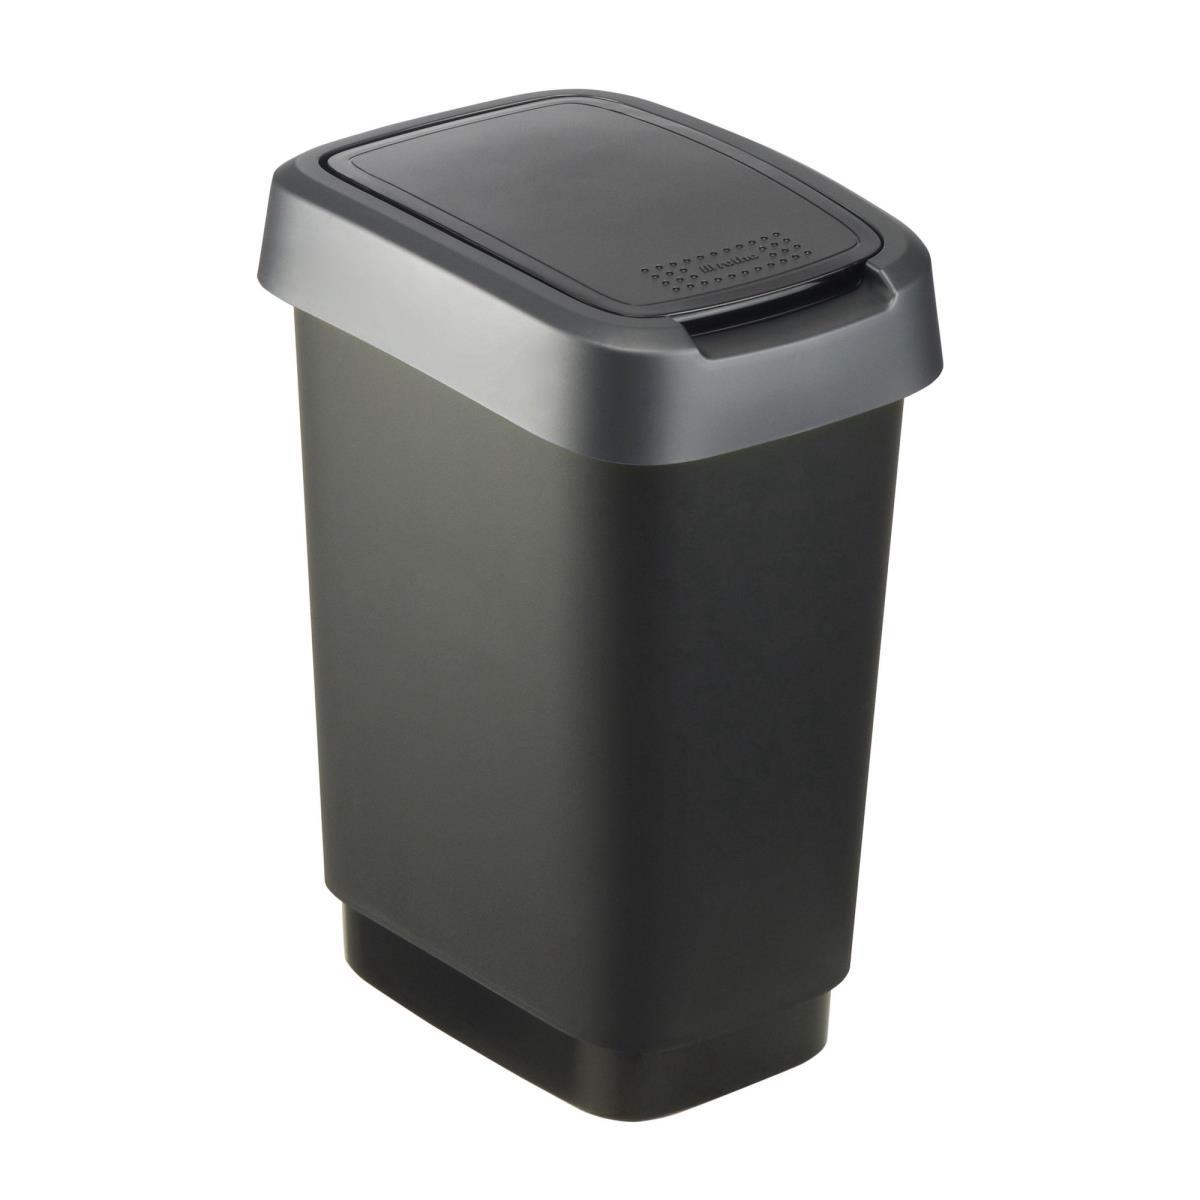 Rotho Twist Mülleimer 10L mit Deckel als Schwing oder Klappdeckel nutzbar,ROTHO,000051337510, 7610859135360